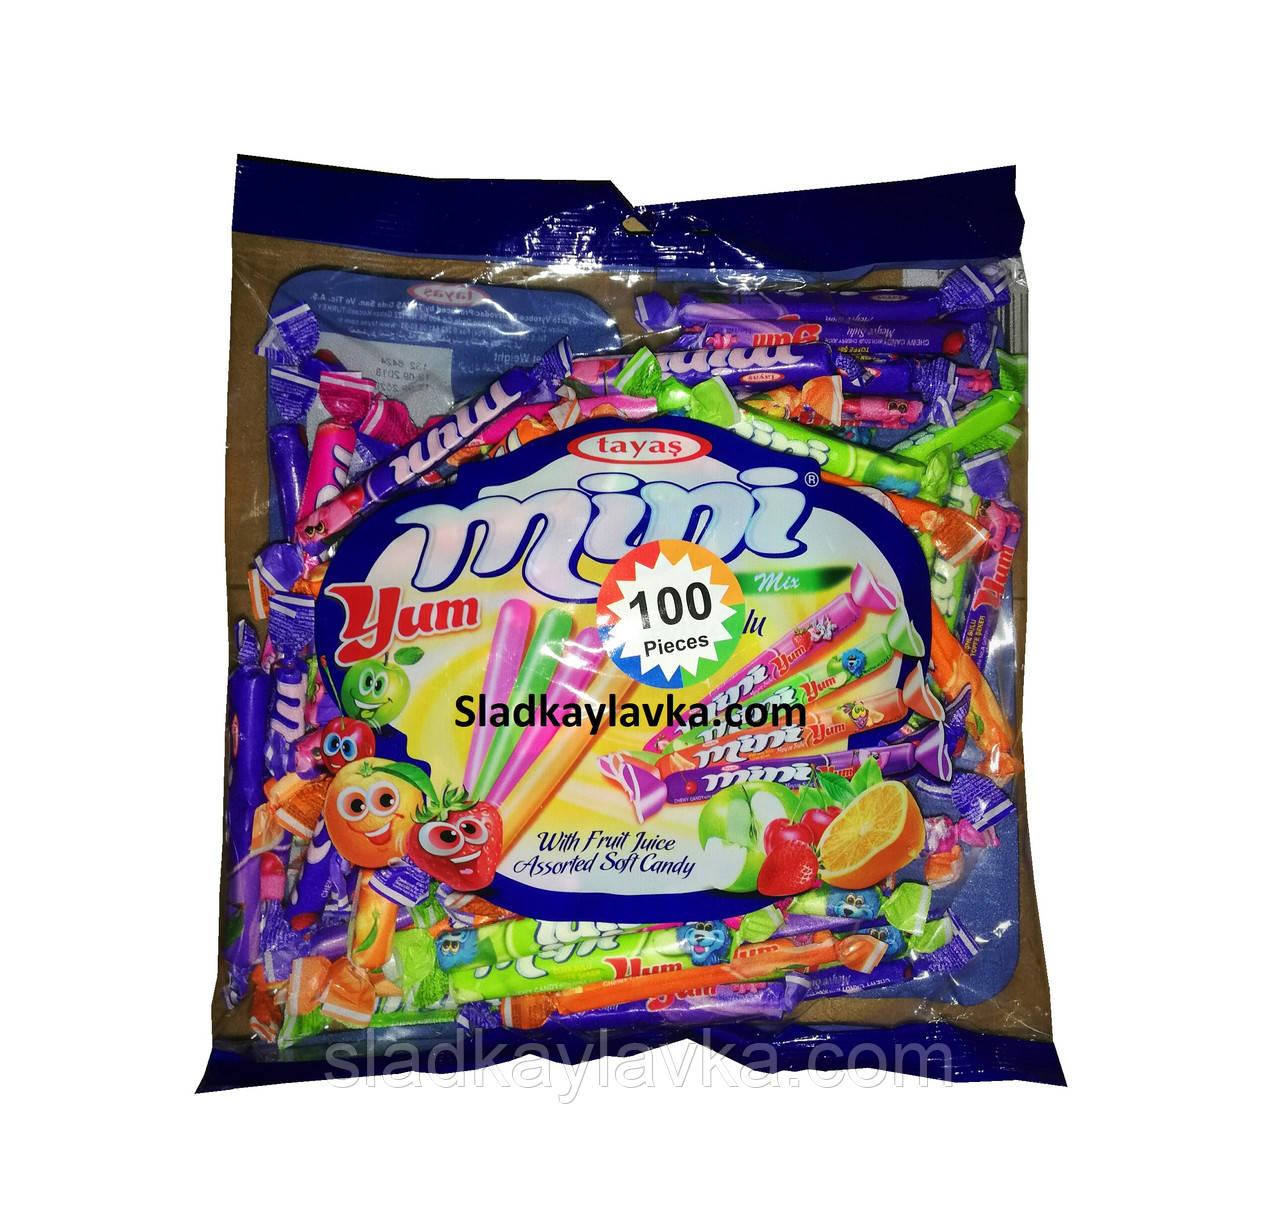 Жевательная конфета Mini Yum пакет 100 шт (Tayas)